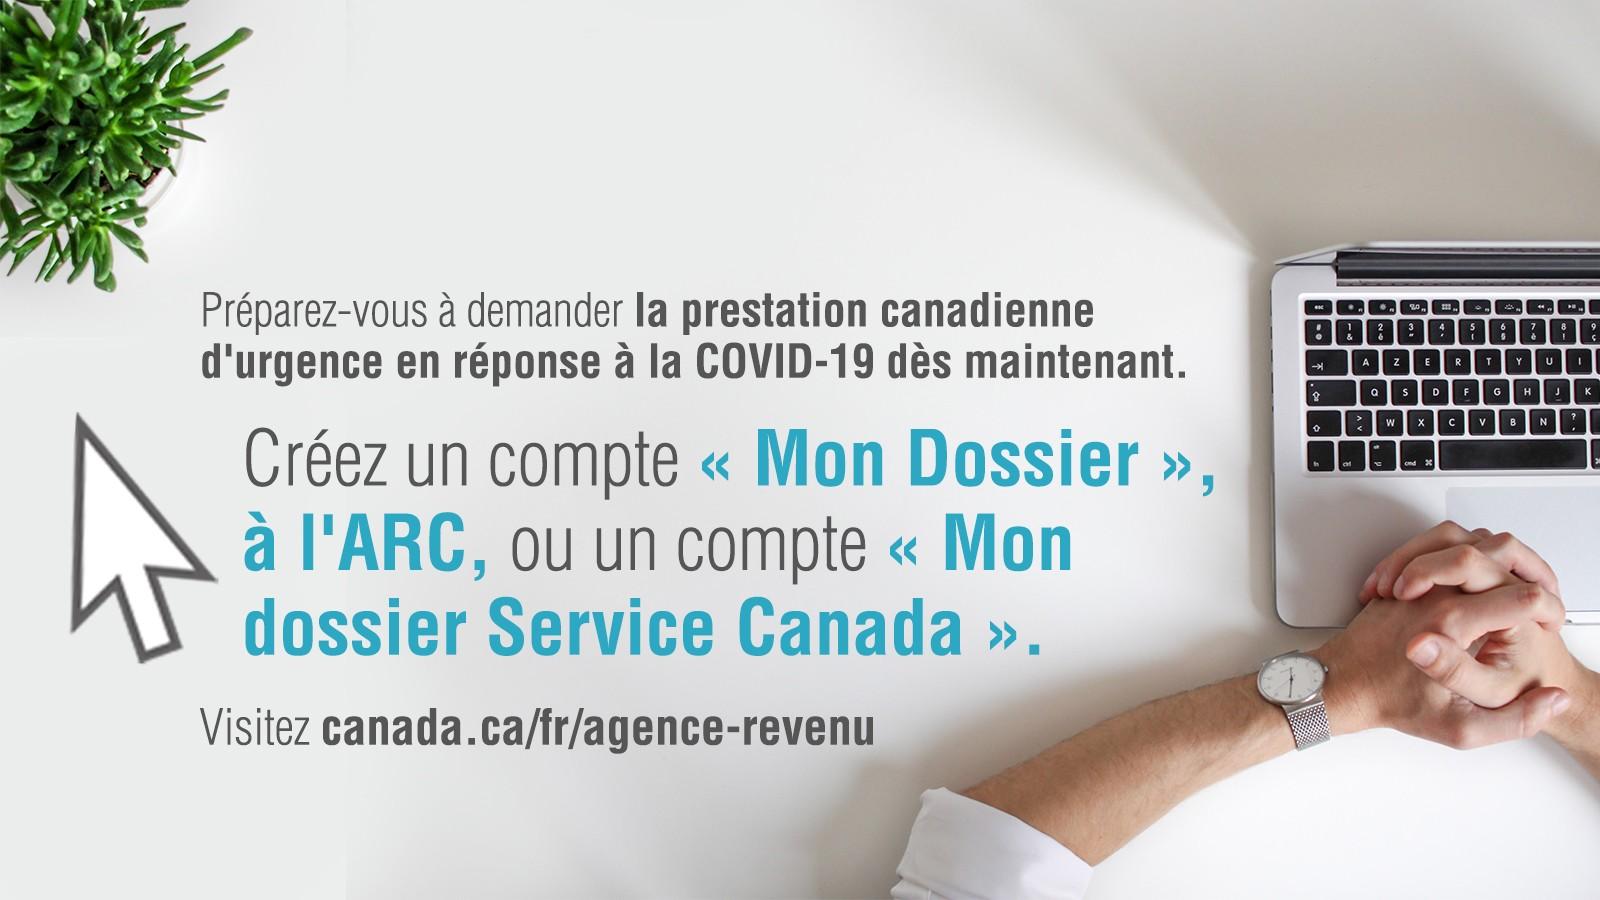 Mon dossier Canada pub (Auteur : Josée Ouellet)